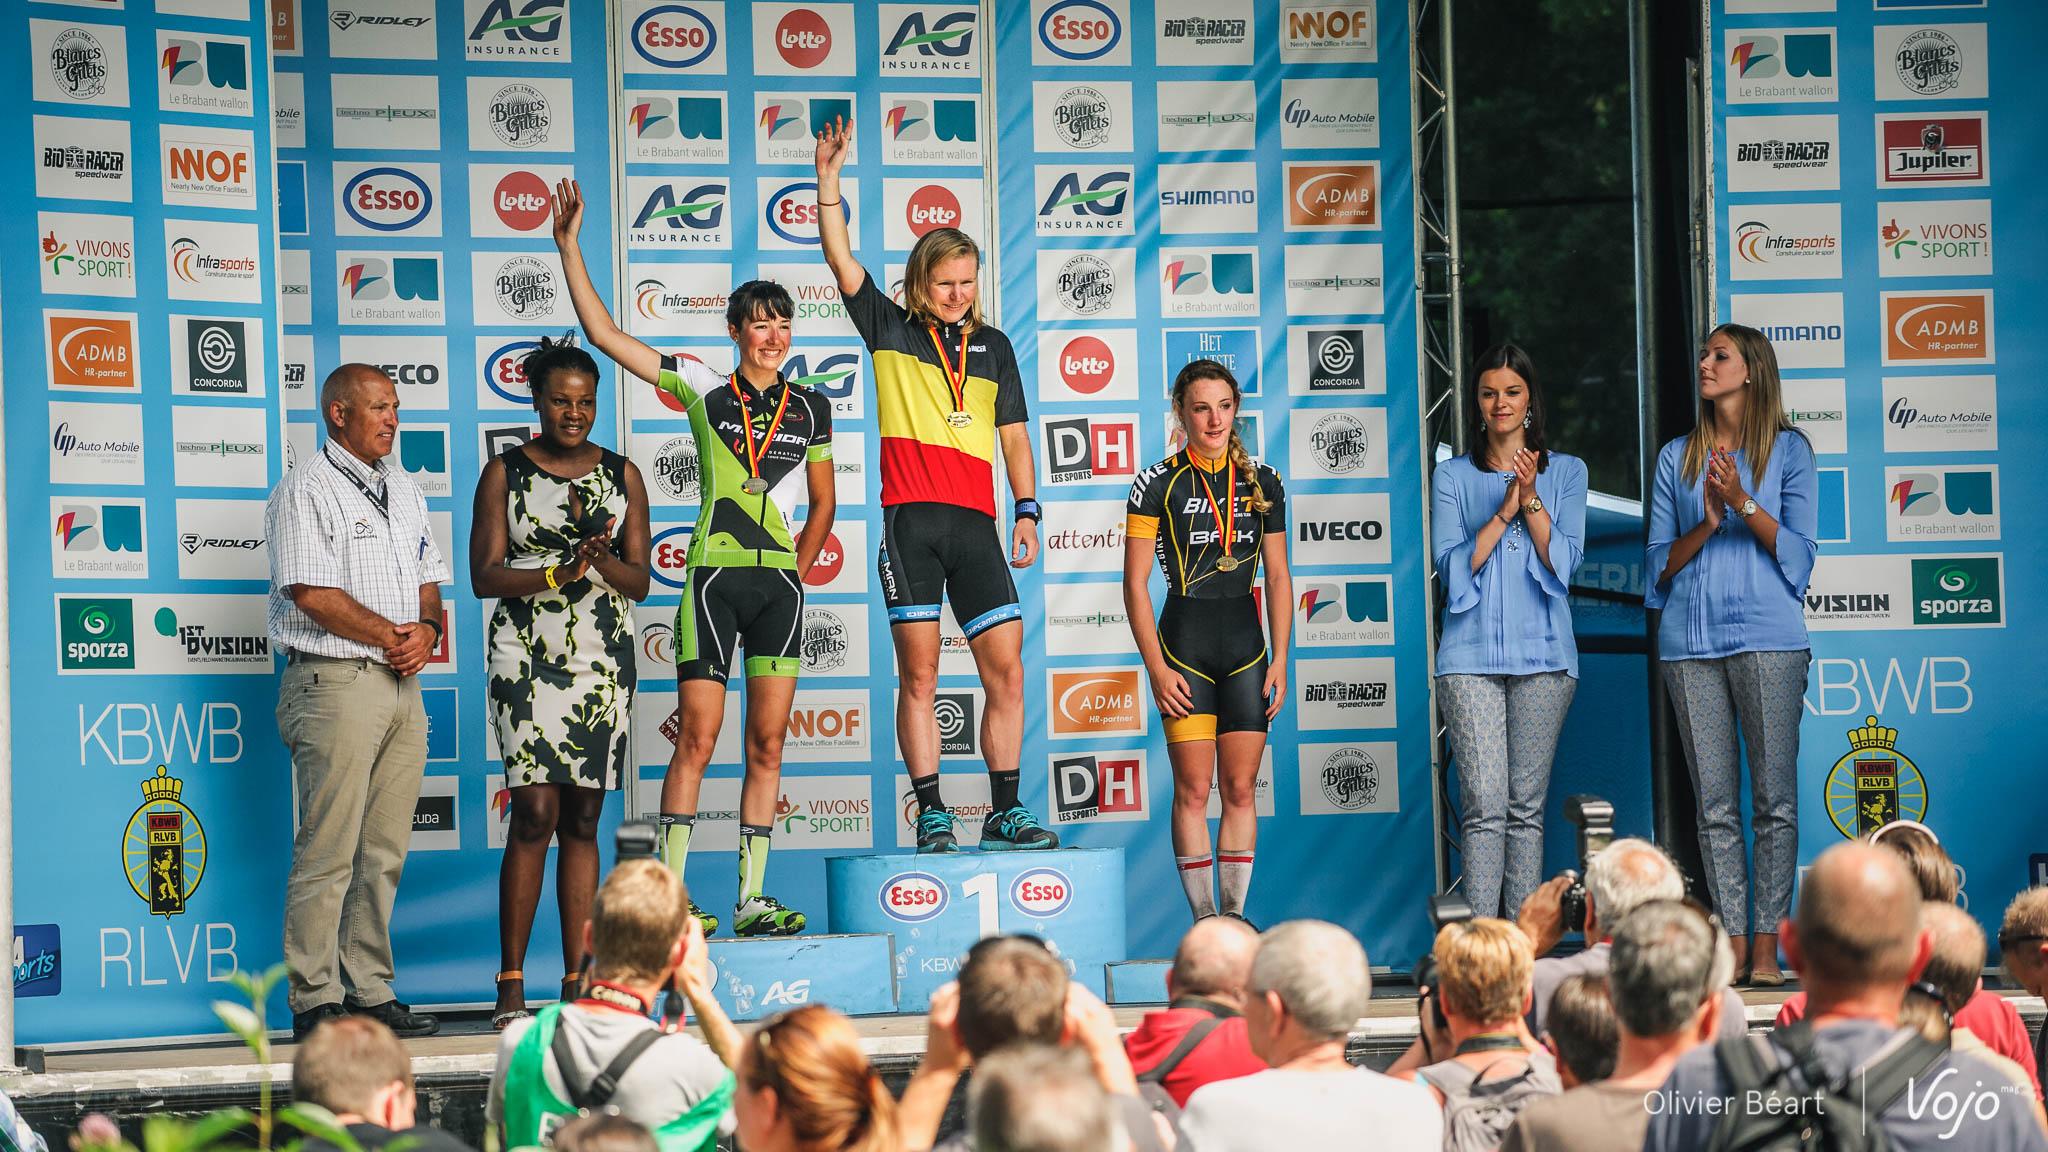 Championnat_Belgique_XC_BKXC_Ottignies_2015_Podium_Dames_Michiels_Pirard_Franck_Copyright_CBortels_VojoMag-2